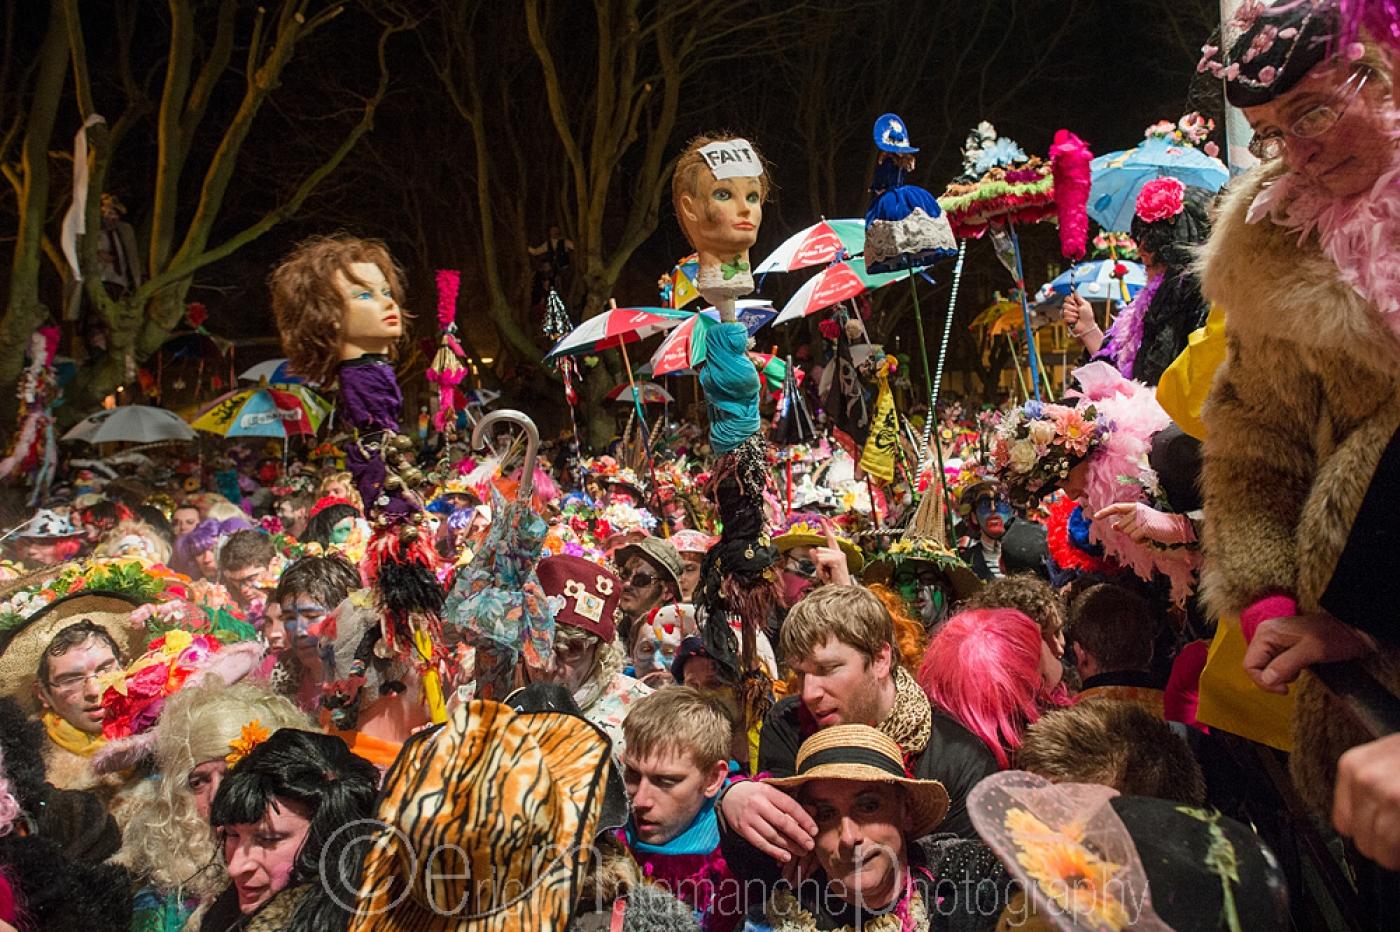 https://www.ericmalemanche.com/imagess/topics/carnaval-de-dunkerque/liste/Carnaval-Dunkerque-6590-2.jpg